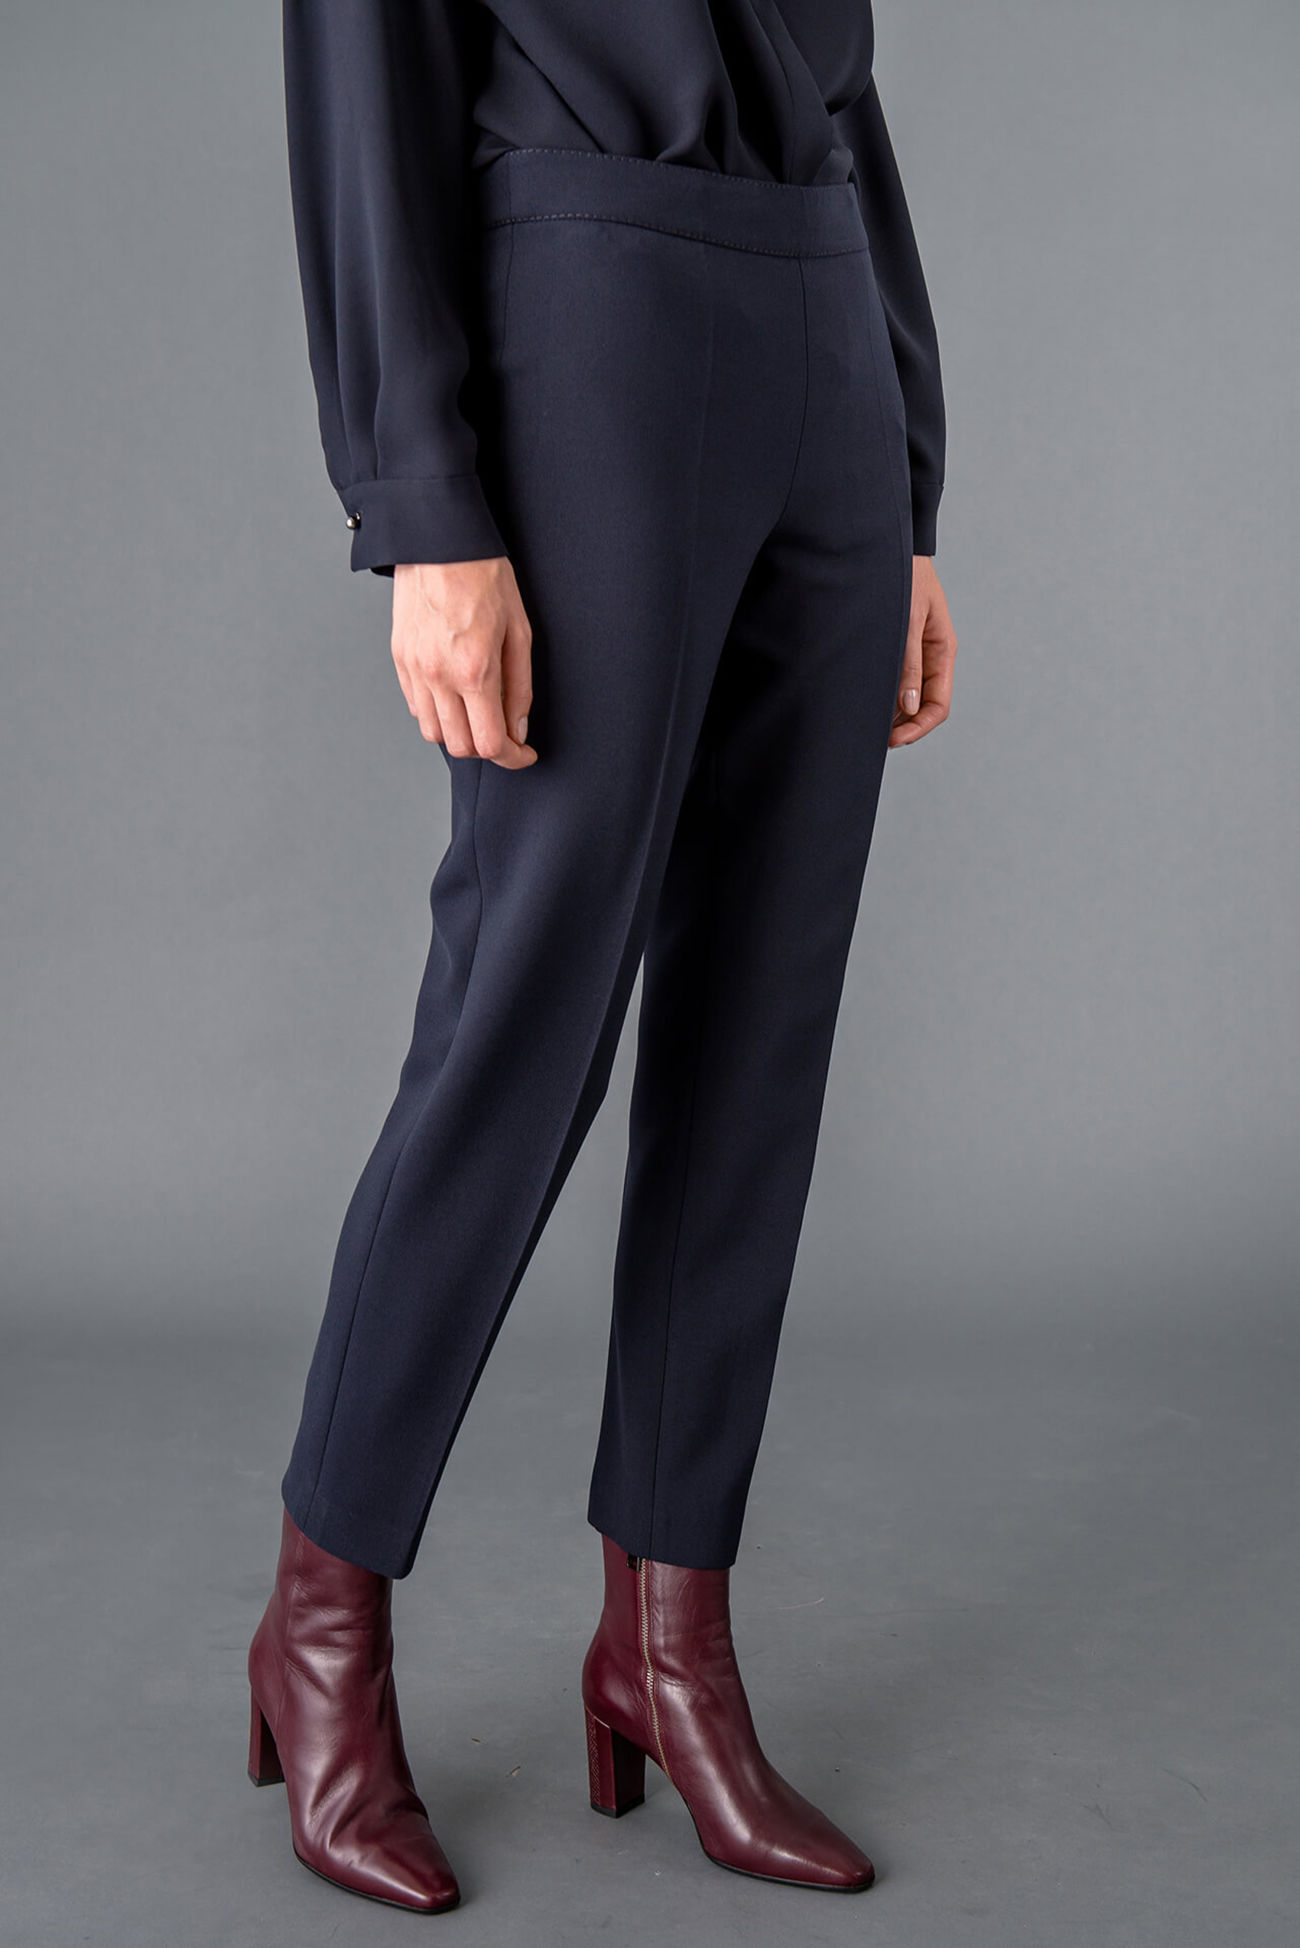 Knöchellange Hose aus elastischem Light Stretch Double